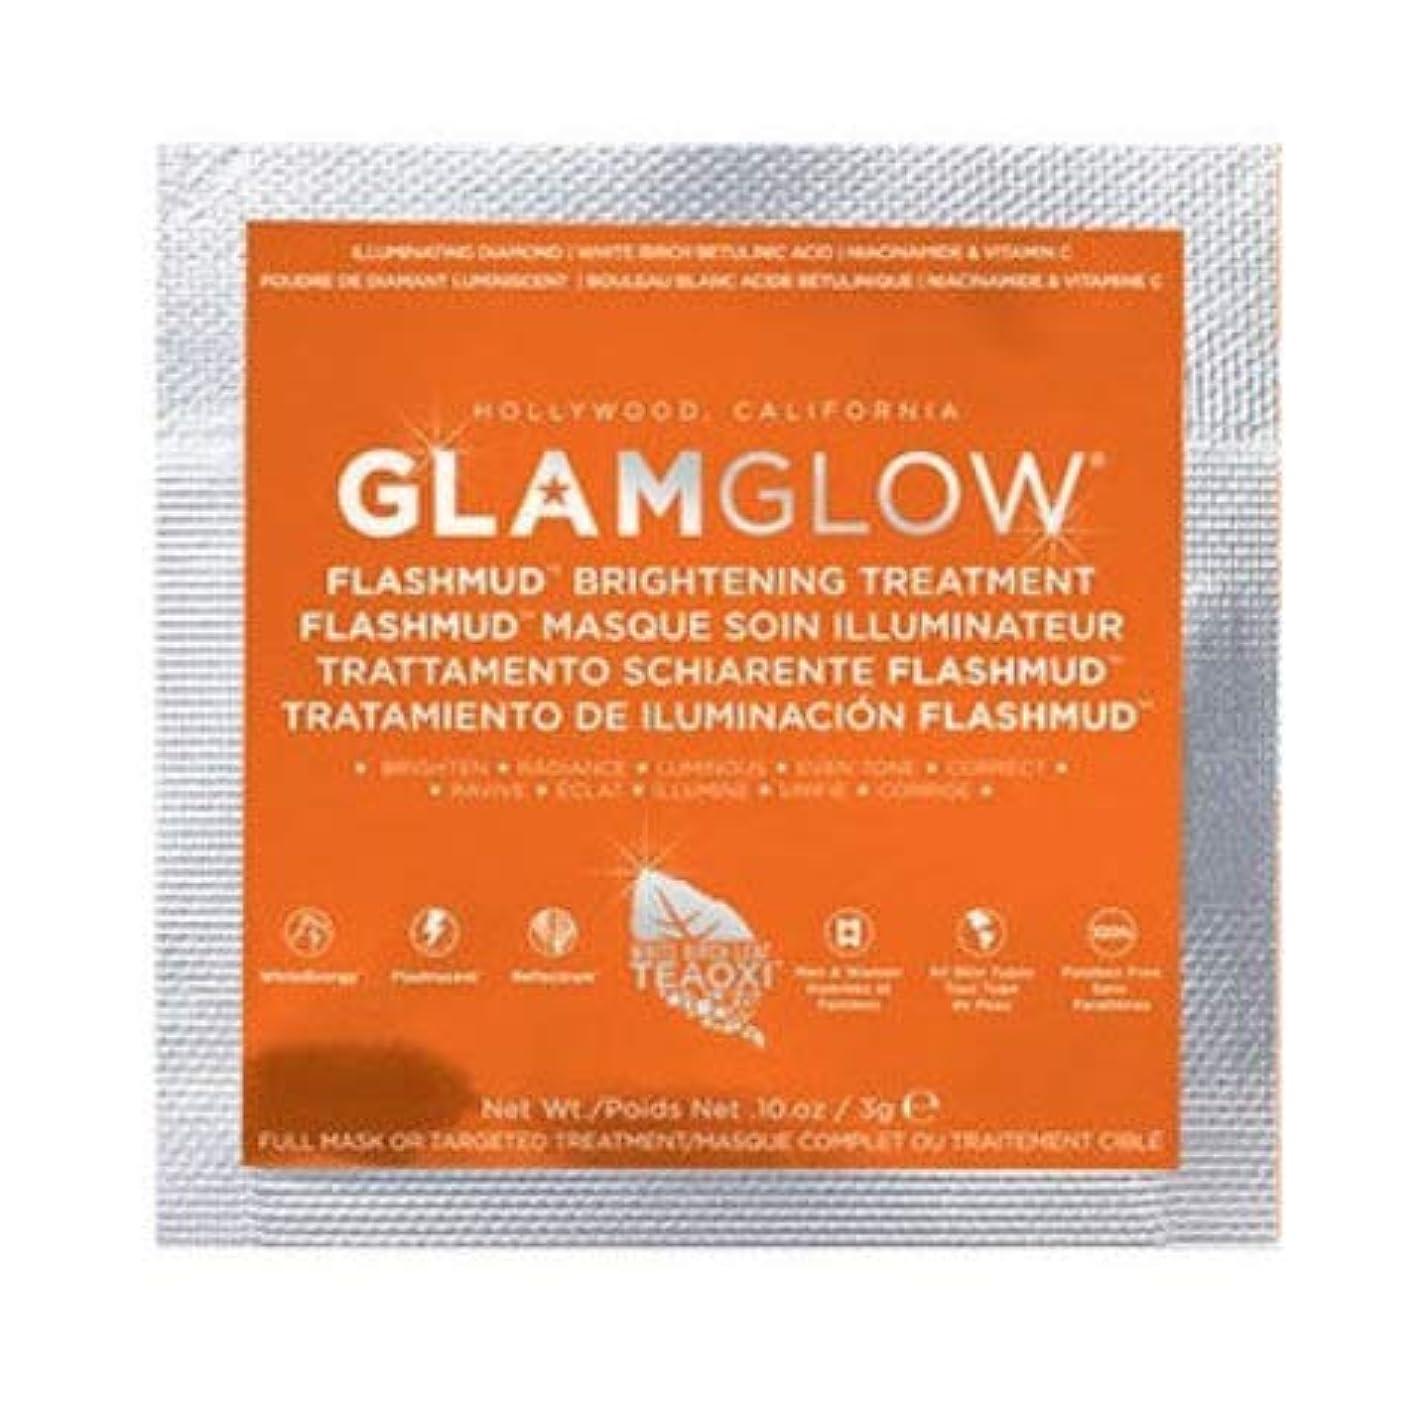 毒スキームリスト【サンプルサイズ】グラムグロウ (GLAMGLOW) FLASHMUD 3g (1回分) [並行輸入品]